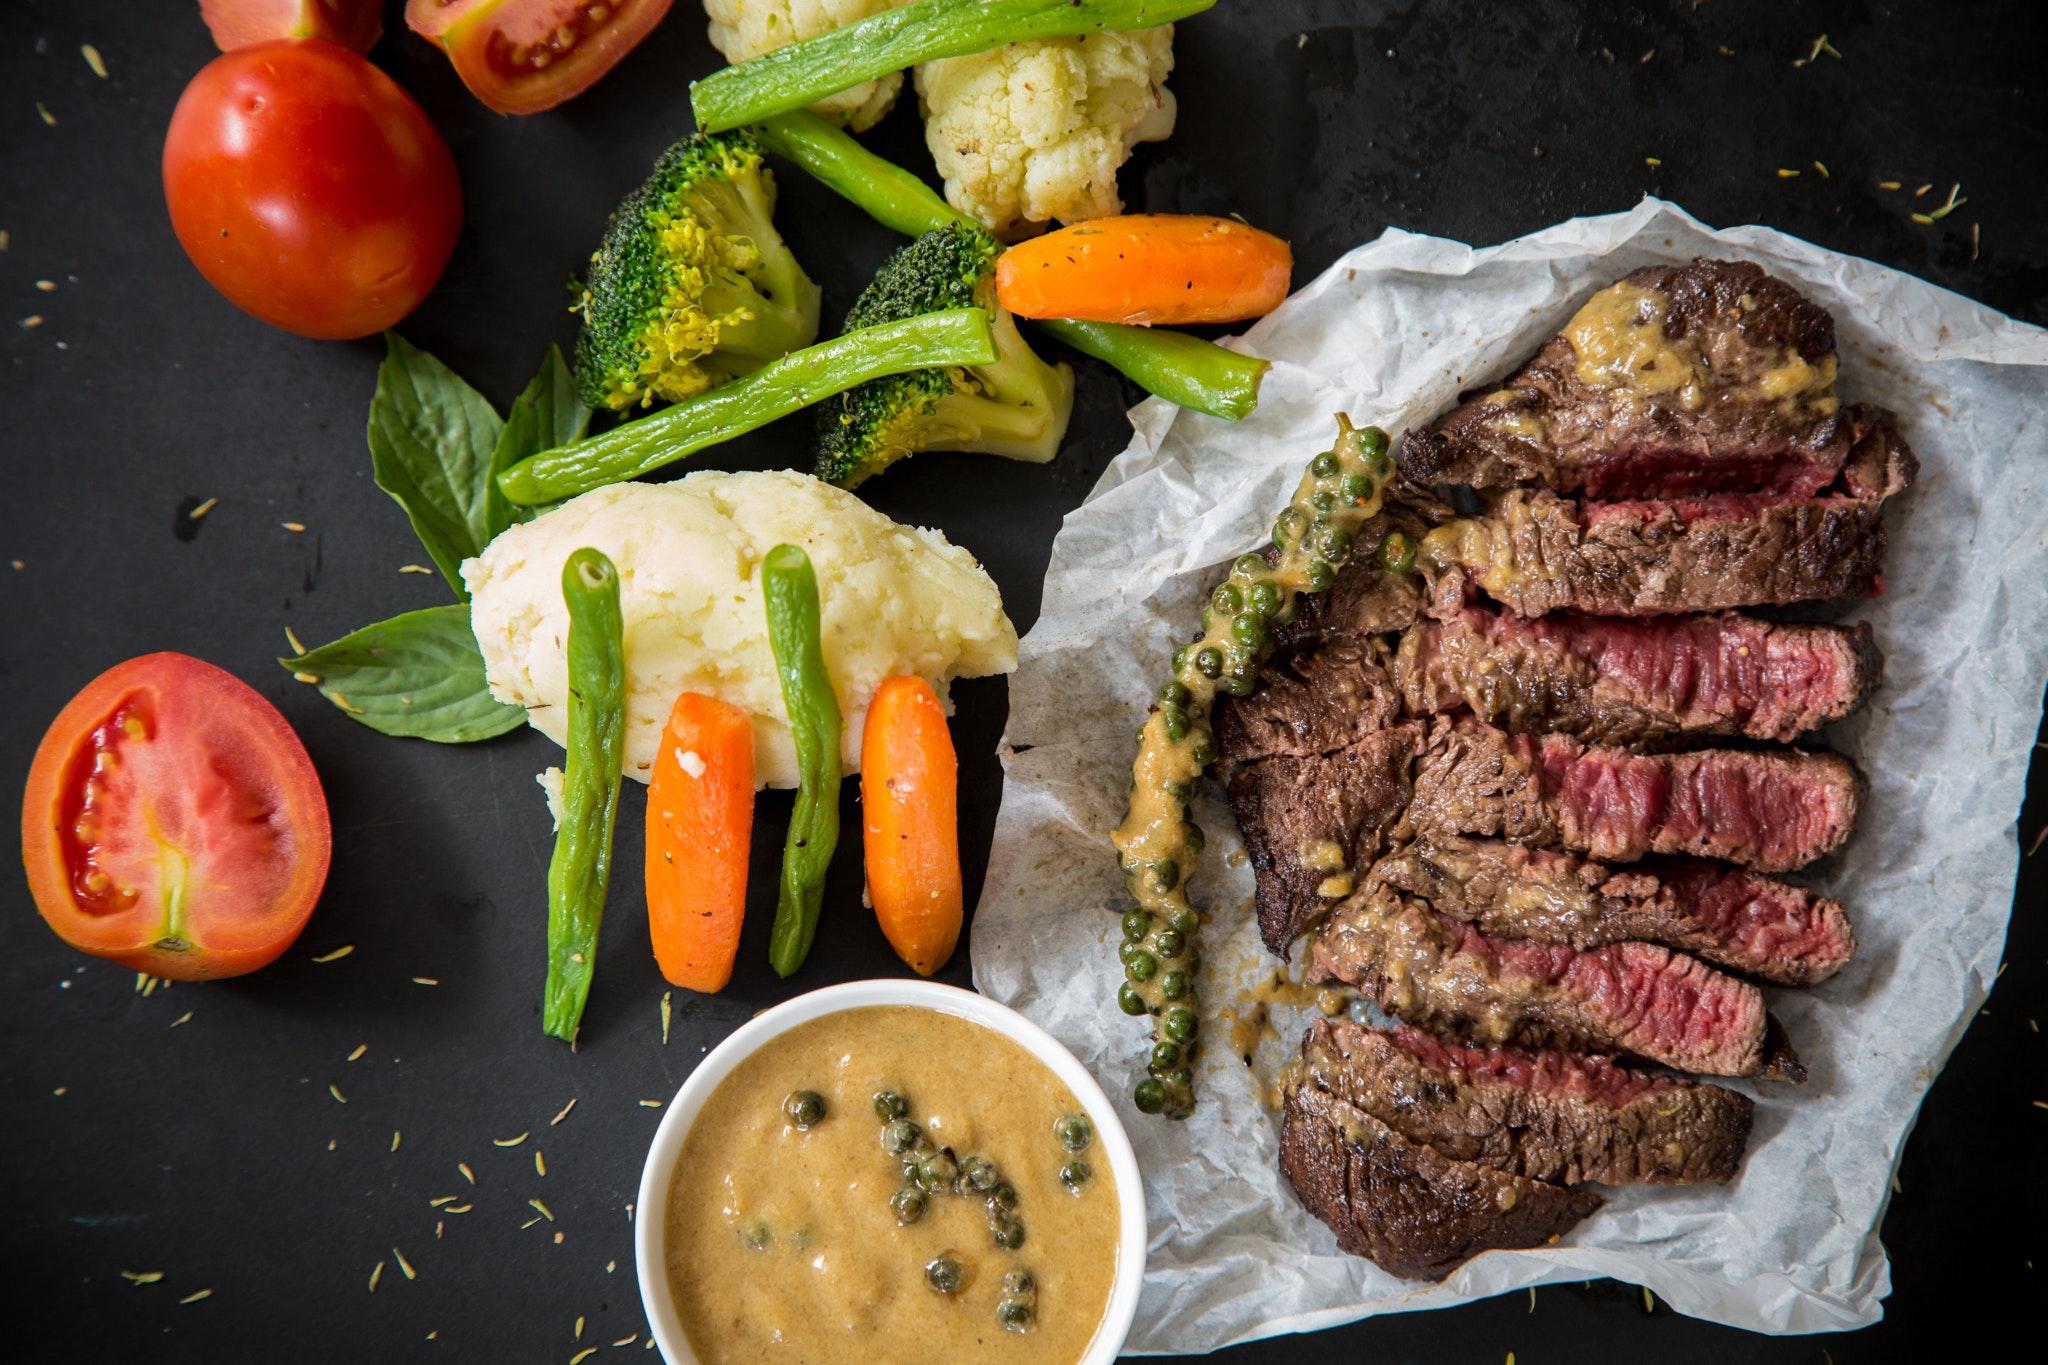 La dieta cetogénica ayuda  a quemar grasas (Foto Prensa Libre: Servicios / Pexels)